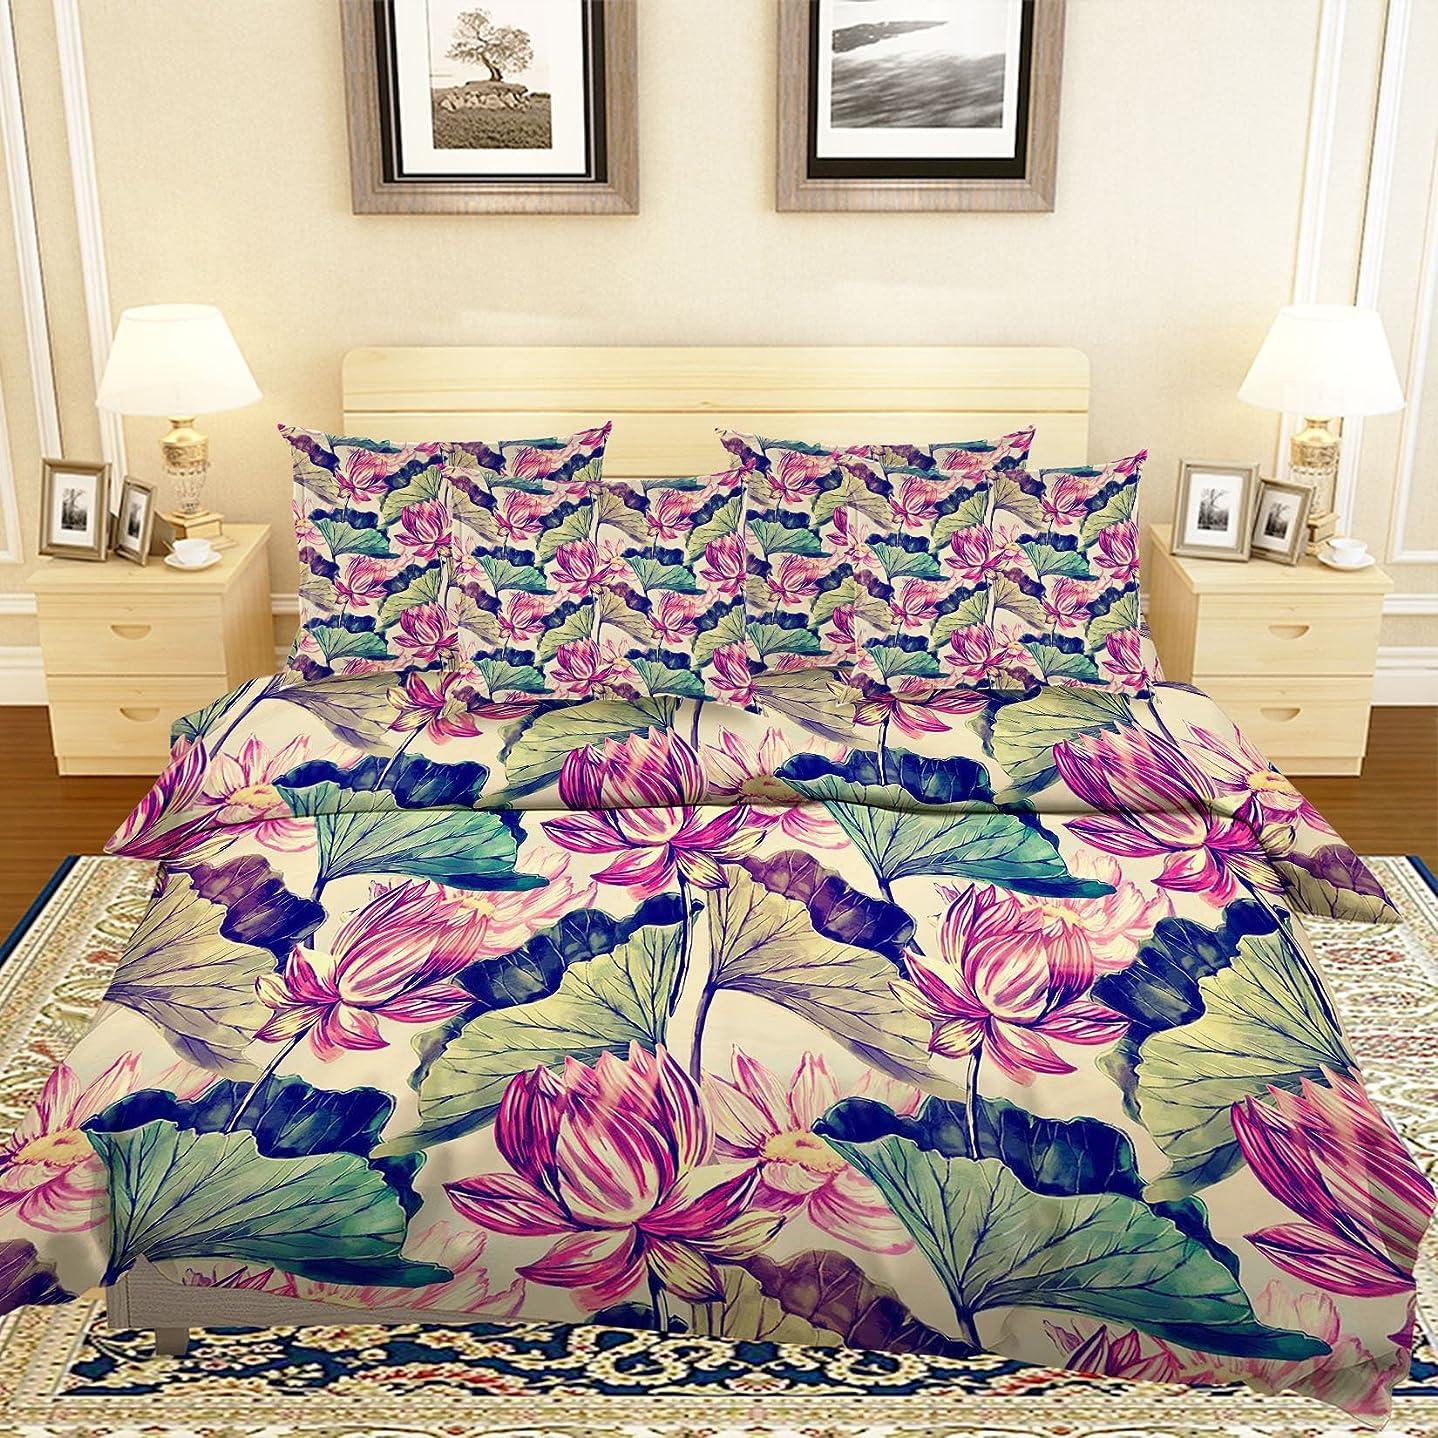 インターネットシンプルなそれにもかかわらず3D パープルロータスフラワーペインティング 89 寝具枕カバーキルト羽毛布団カバーセットシングルクイーンキング| 3D写真の寝具 Summer (シングル)